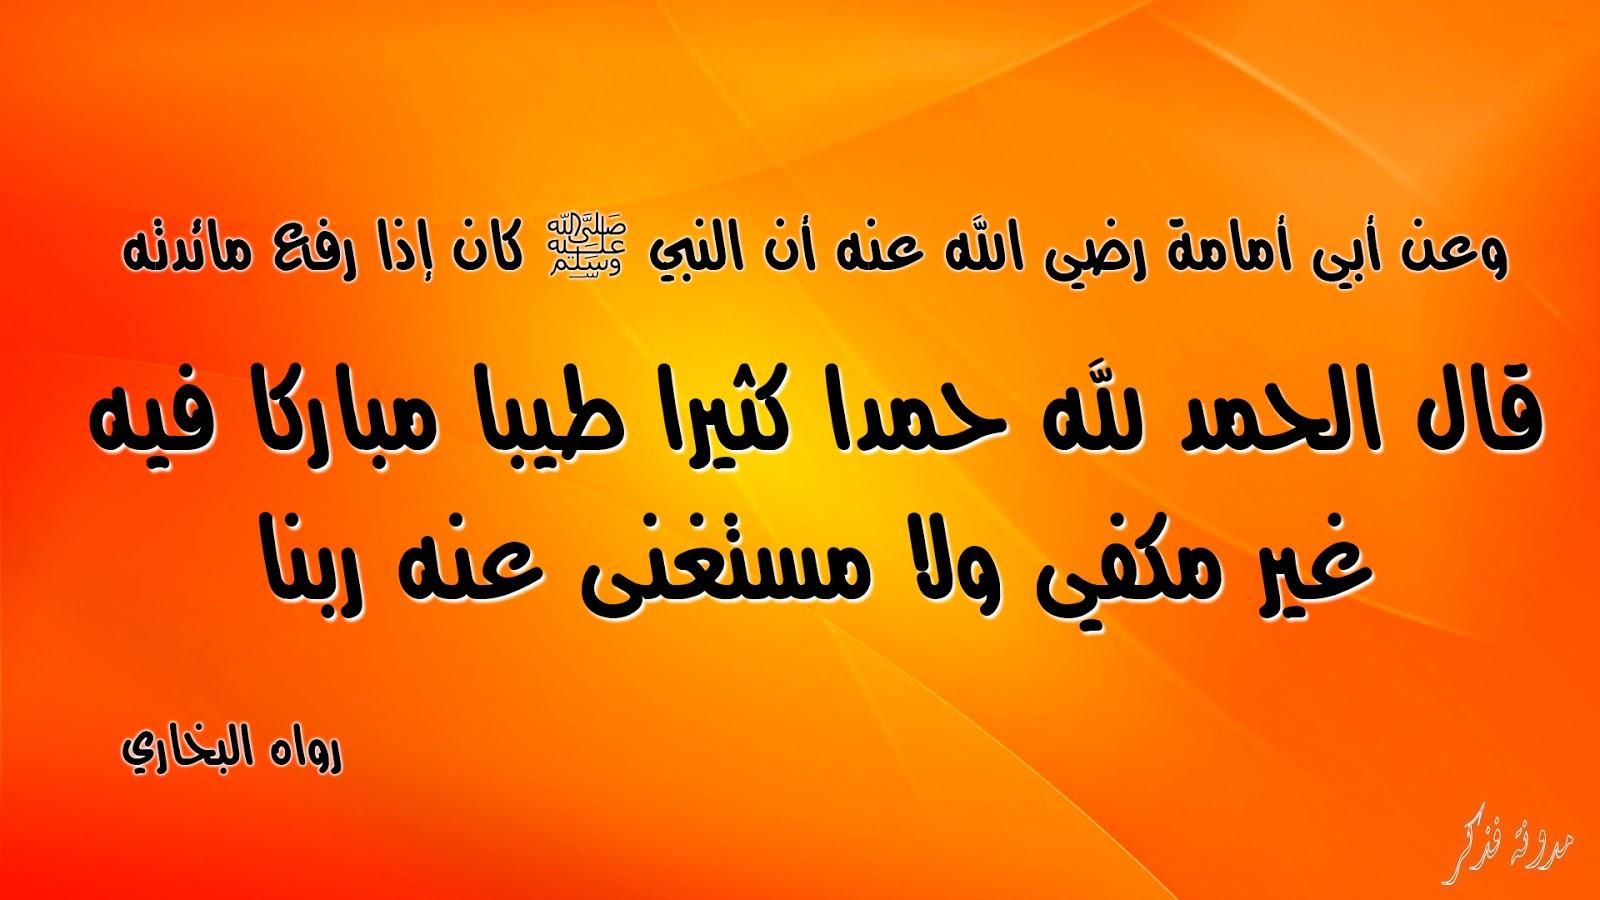 شرح حديث الحمد لله حمدا كثيرا طيبا مباركا فيه مدونة فذكر